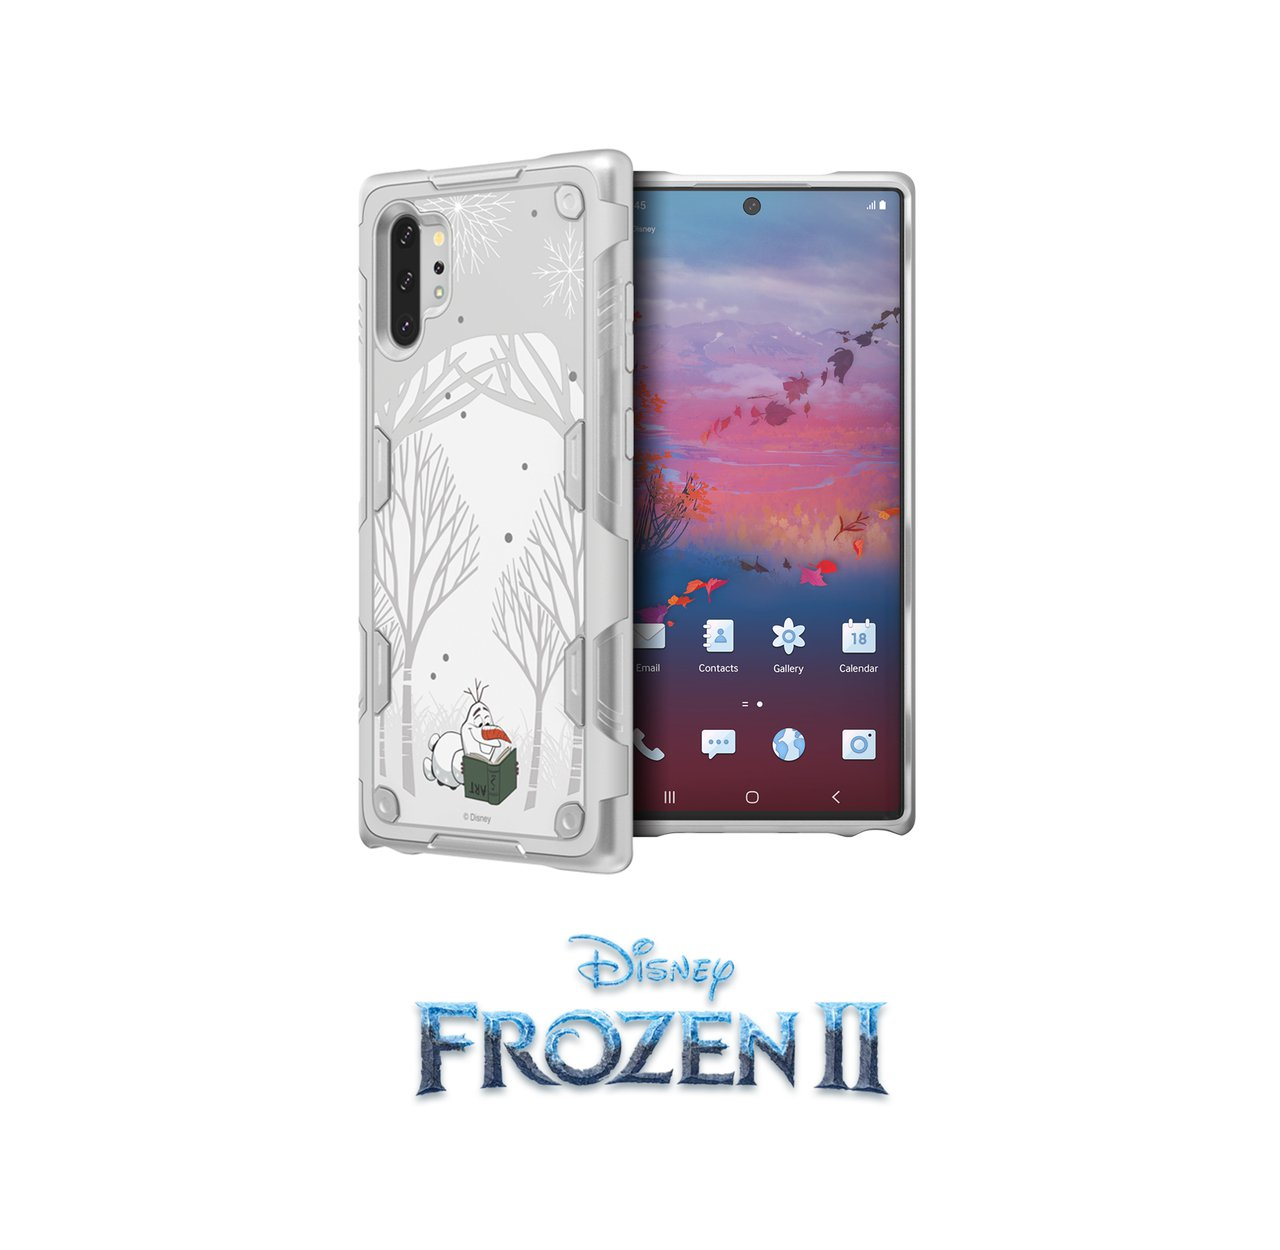 三星電子搶搭電影《冰雪奇緣2》風潮,為Galaxy系列打造跨界主題專屬配件,將電...